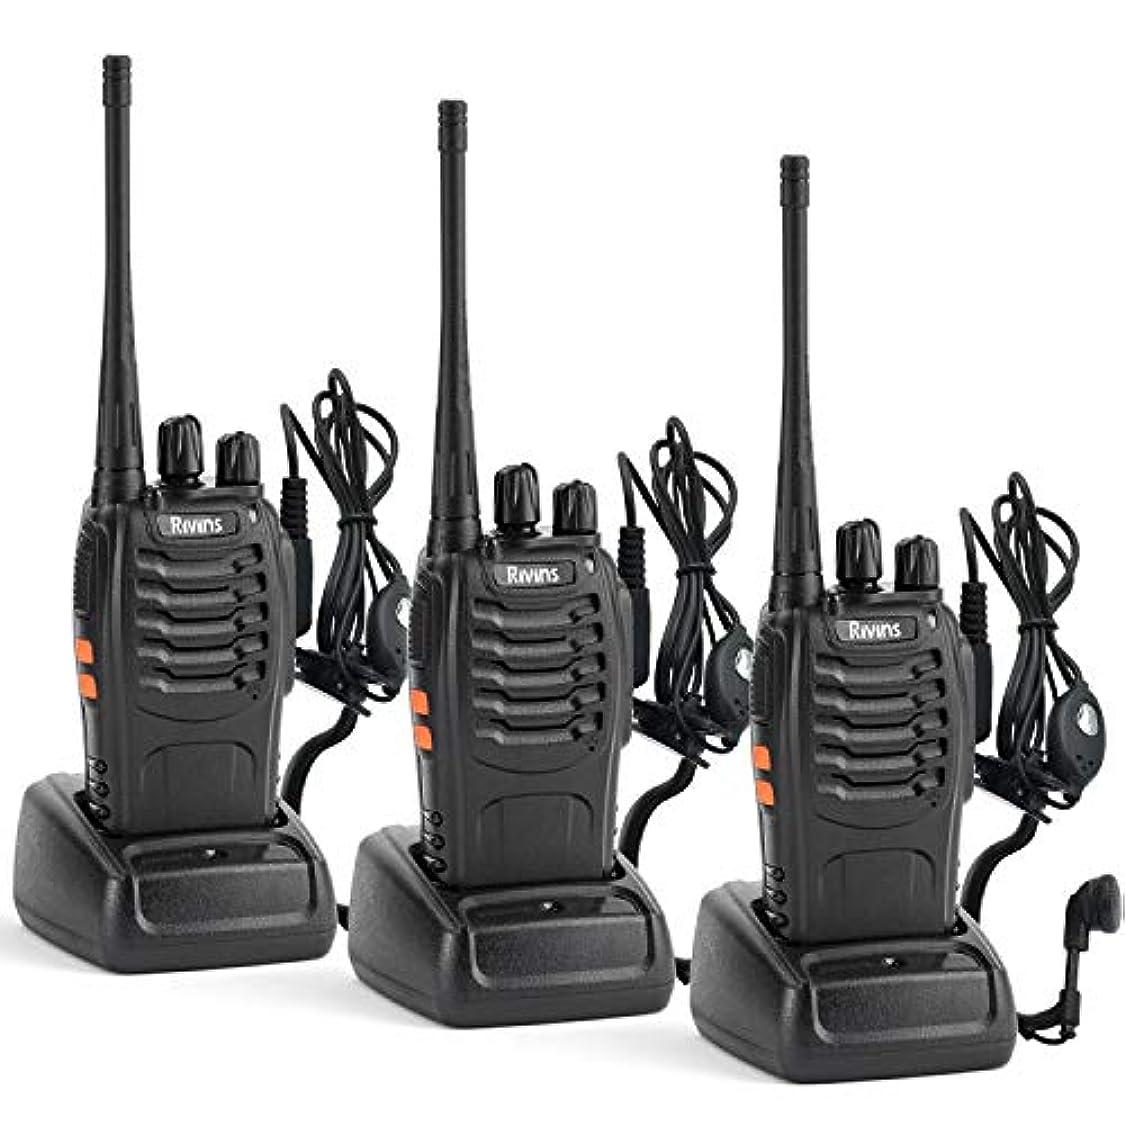 メニュー消費アシストRivins Rv-9 充電式 長距離トランシーバー 3パック イヤーピース UHF 400~470MHz 2ウェイラジオ 充電器とイヤホン付き